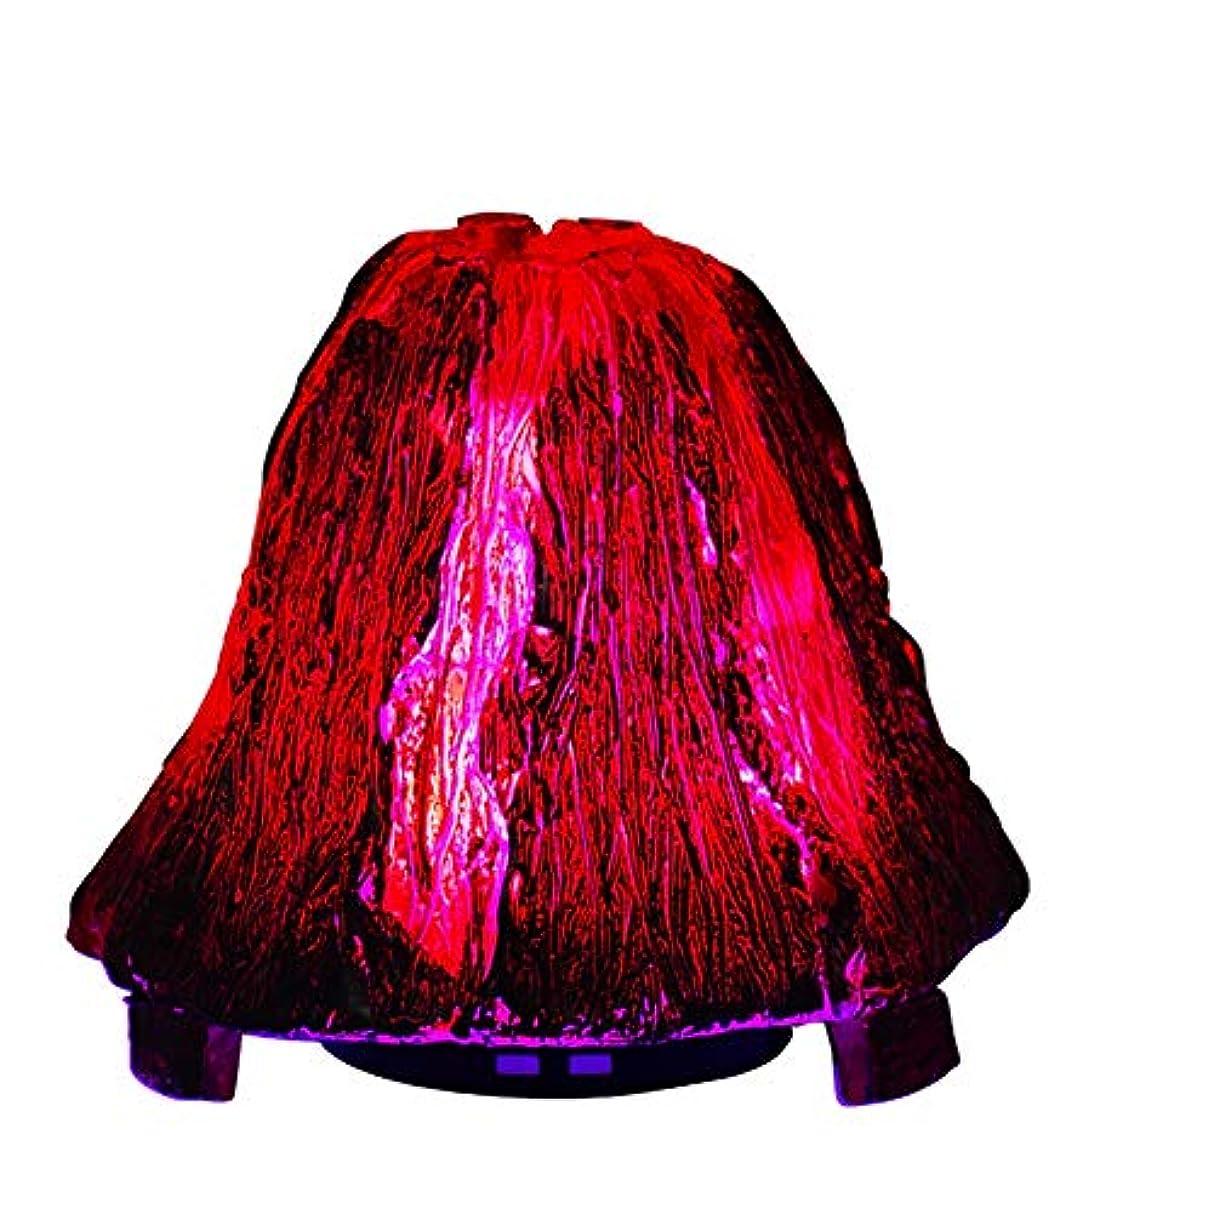 カテナ有害な蓋オリジナリティ火山のエッセンシャルオイルディフューザー、120mlアロマセラピー超音波クールミスト加湿器、7色LEDライト付きウォーターレスオートオフ